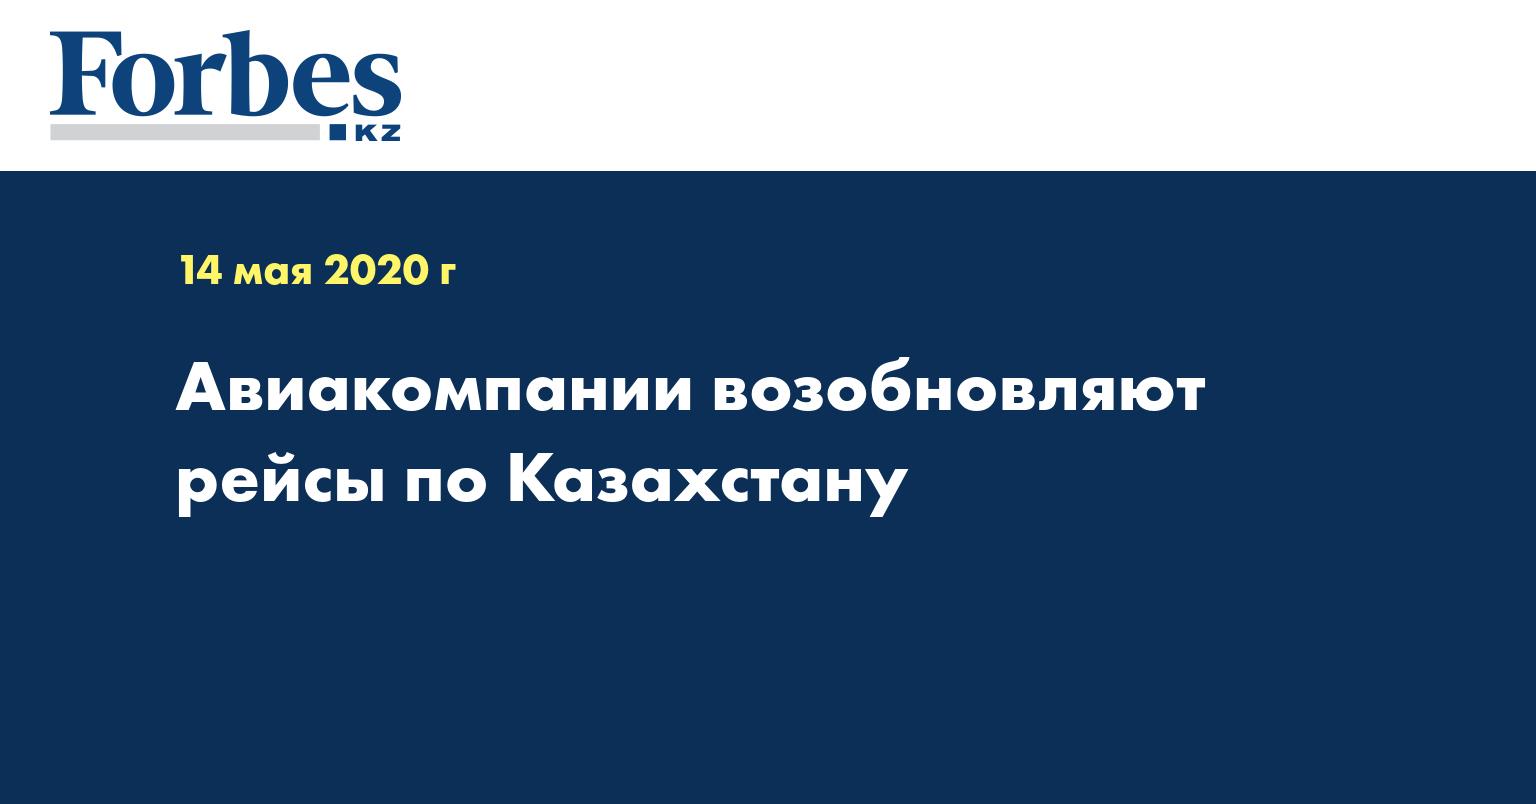 Авиакомпании возобновляют рейсы по Казахстану